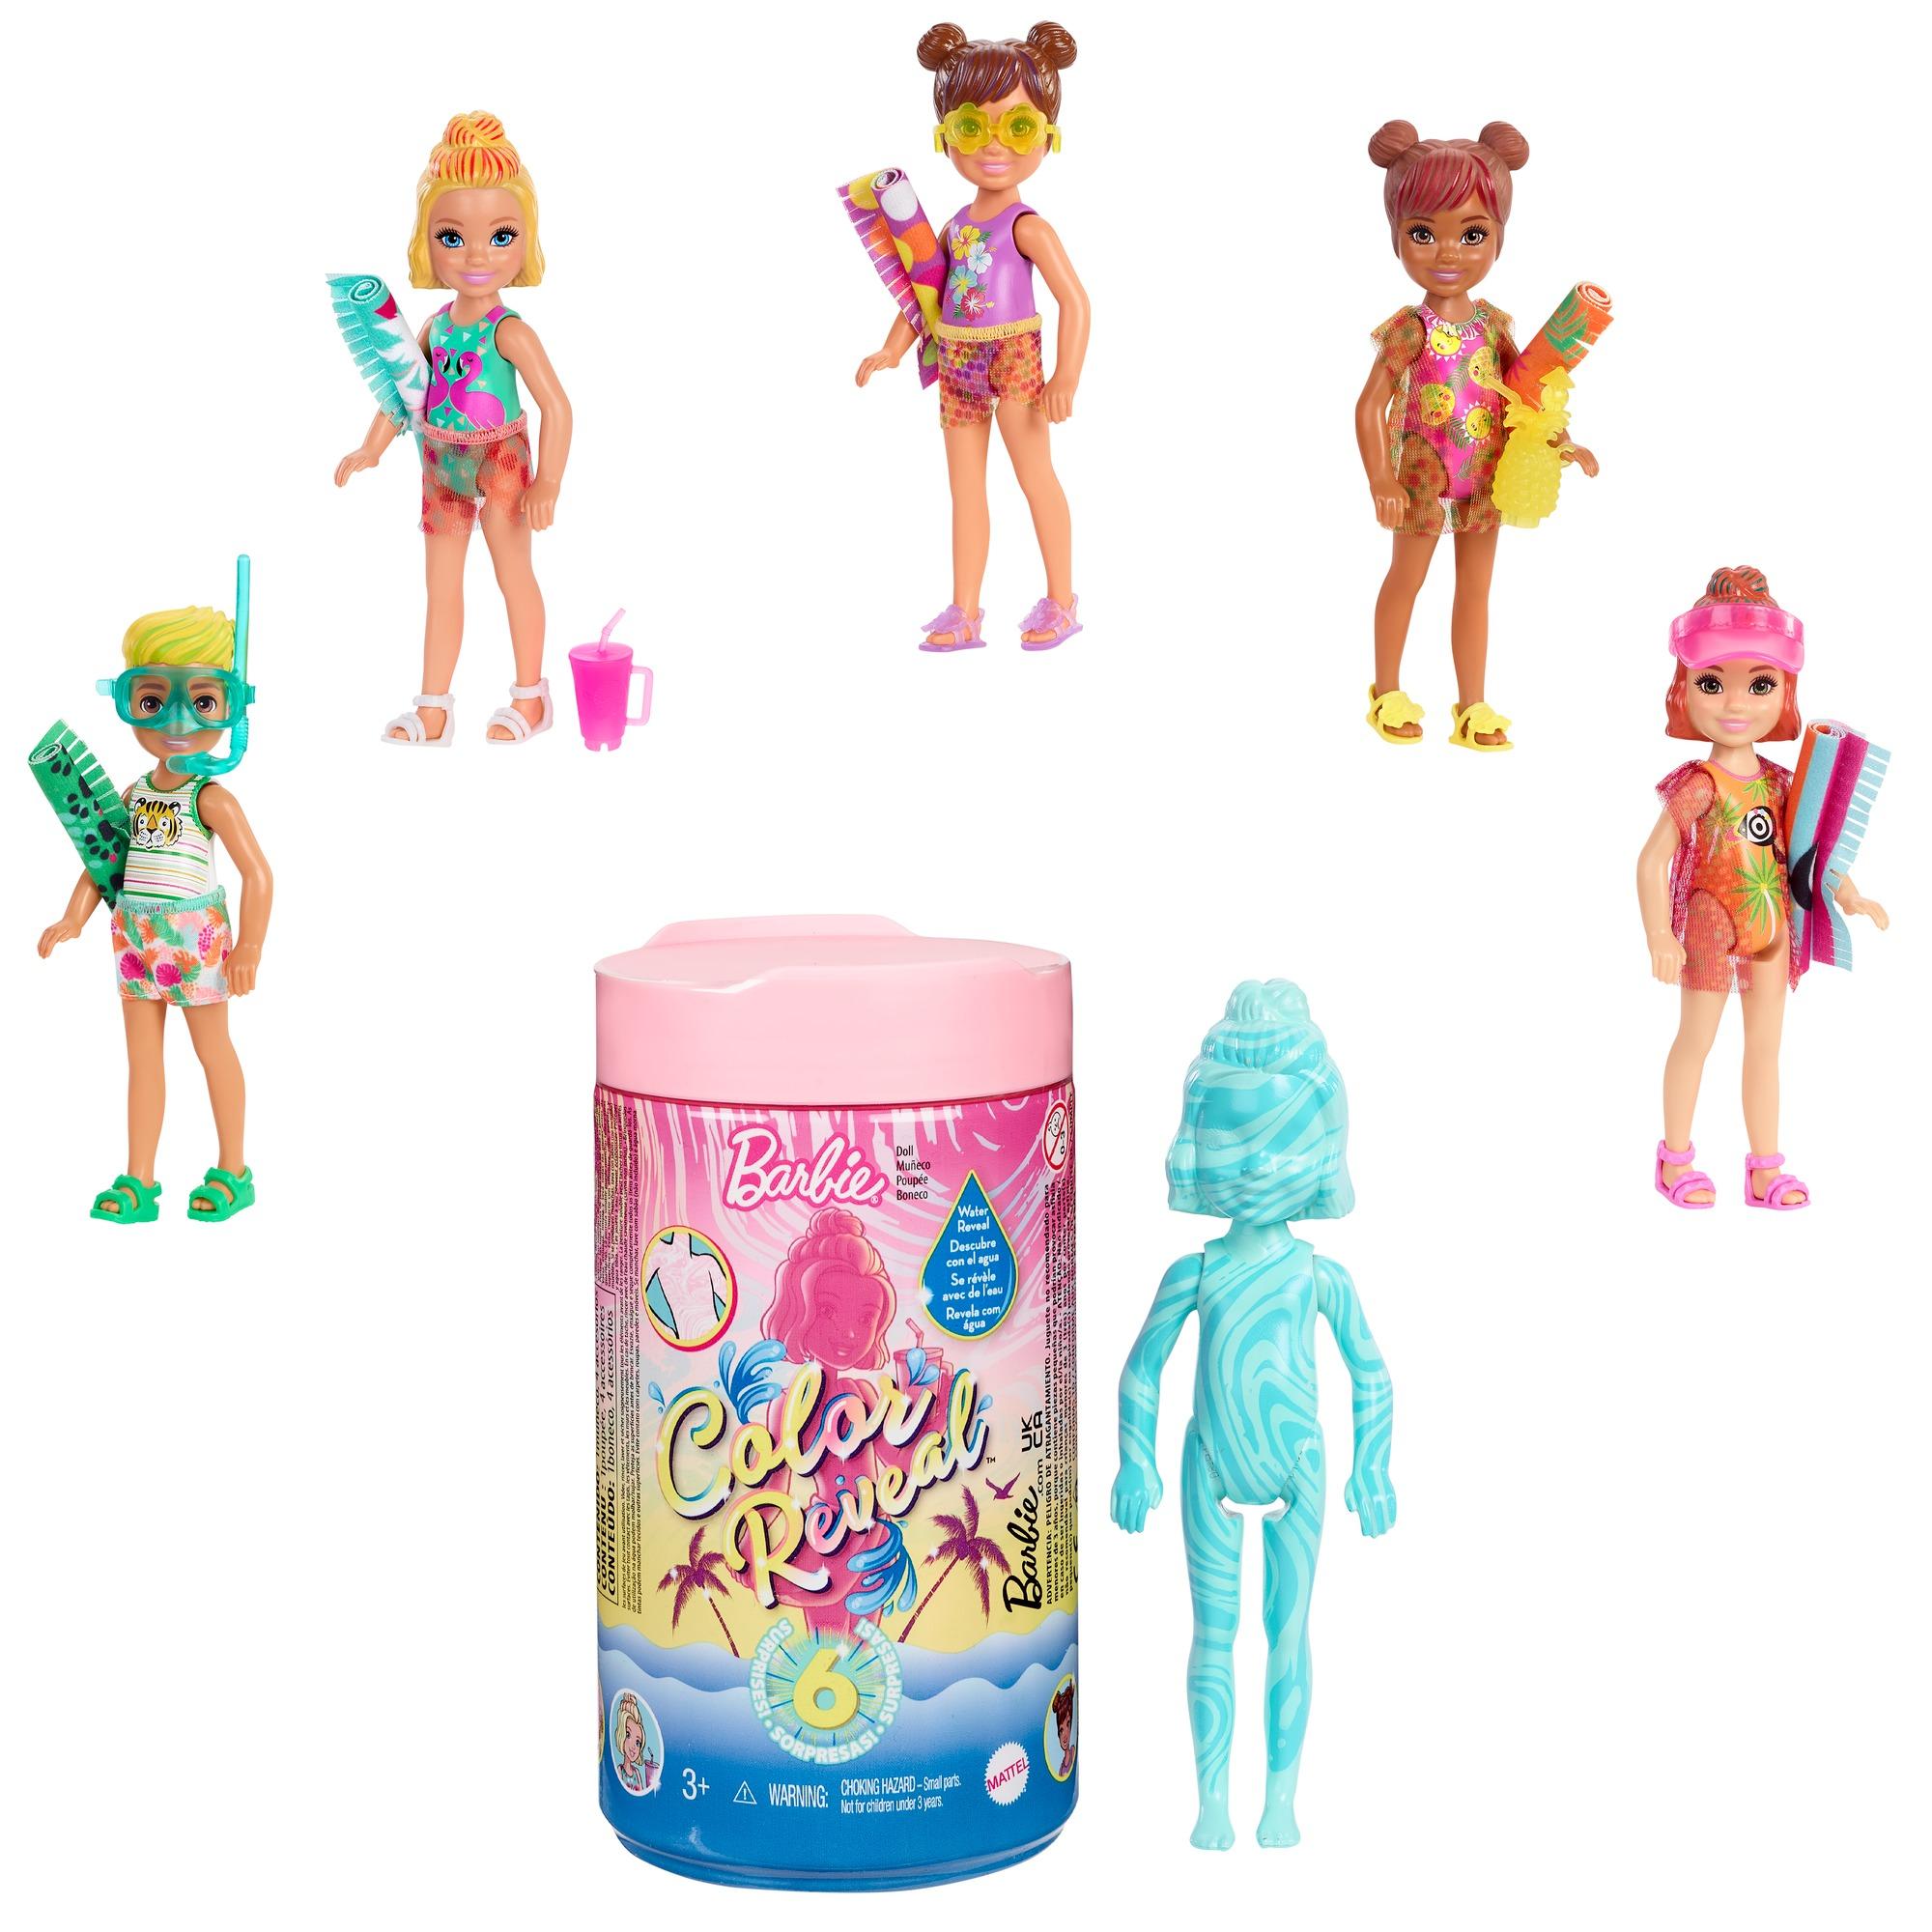 barbie - chelsea color reveal, bambola con 6 sorprese, l'acqua rivela il look della bambola linea beach, per bambini 3+ anni -